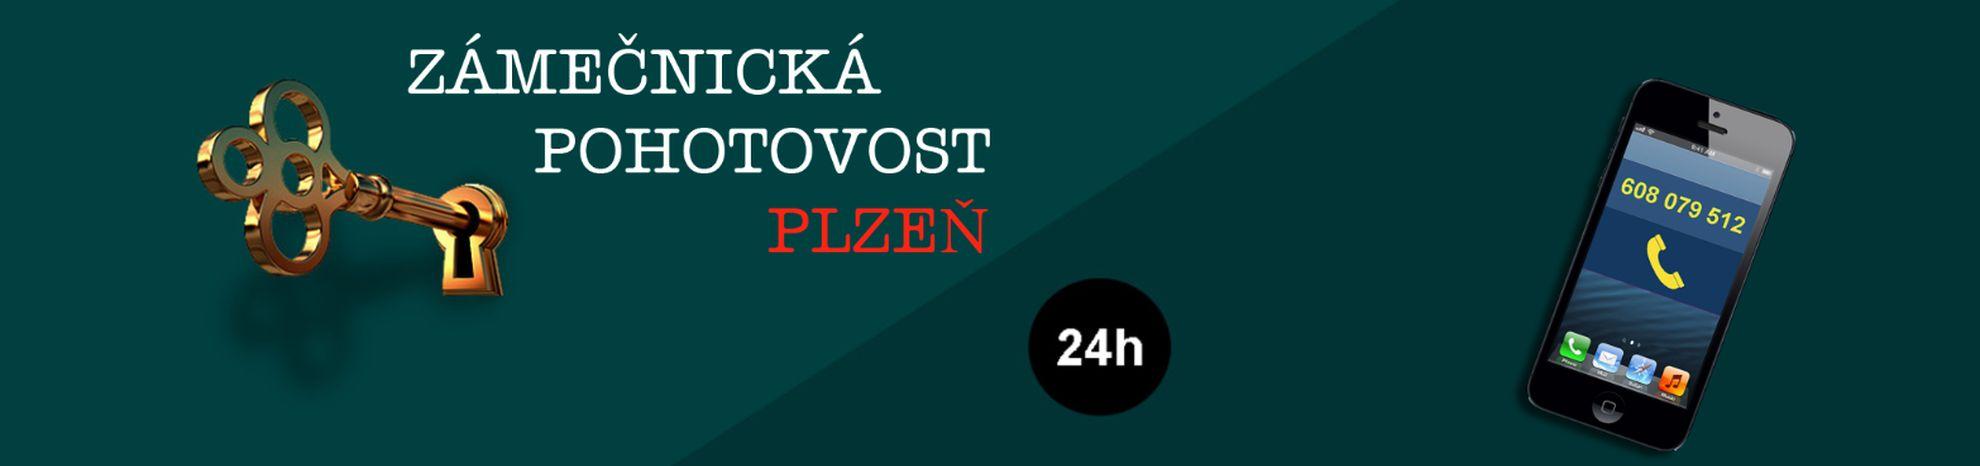 Zámečnictví Dalibor Glos Plzeň - NonStop služby zámečníka